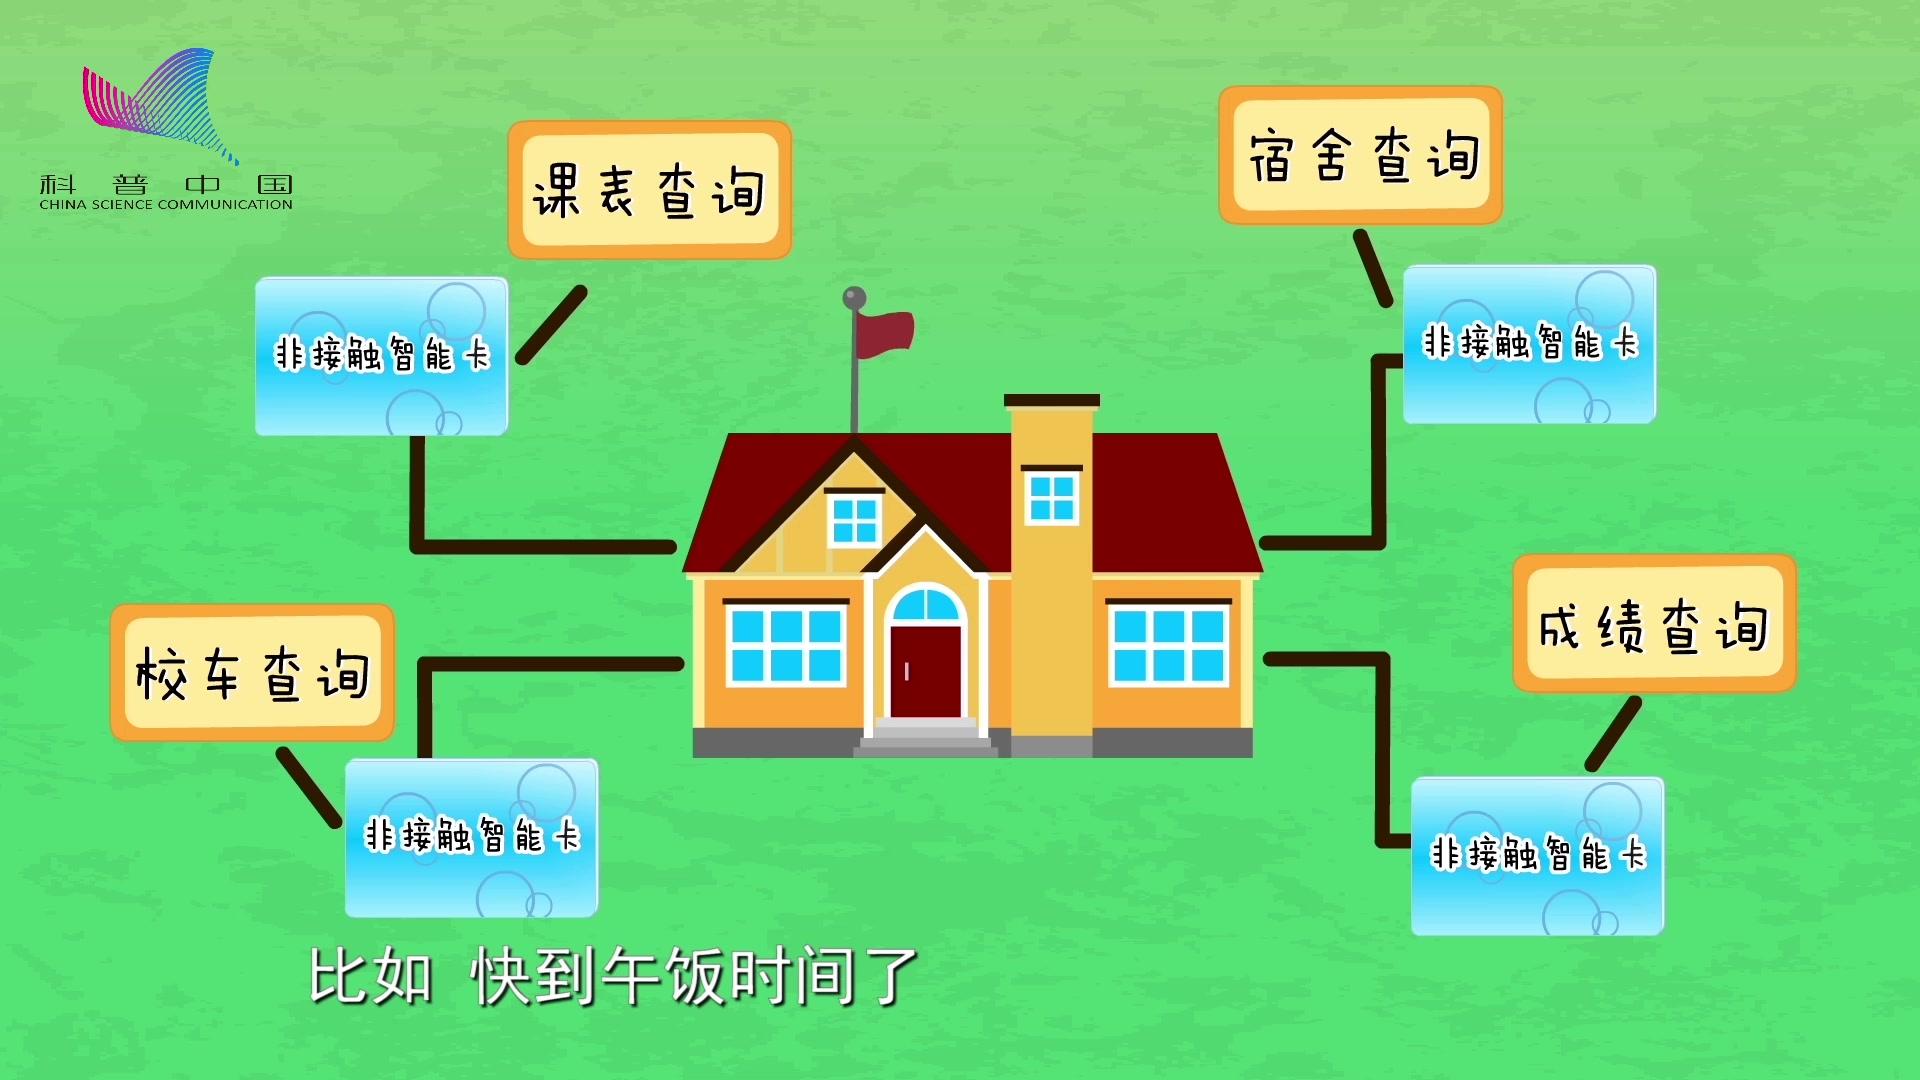 科普中国之阿U学科学 第19集 智慧校园里的生活是怎样的